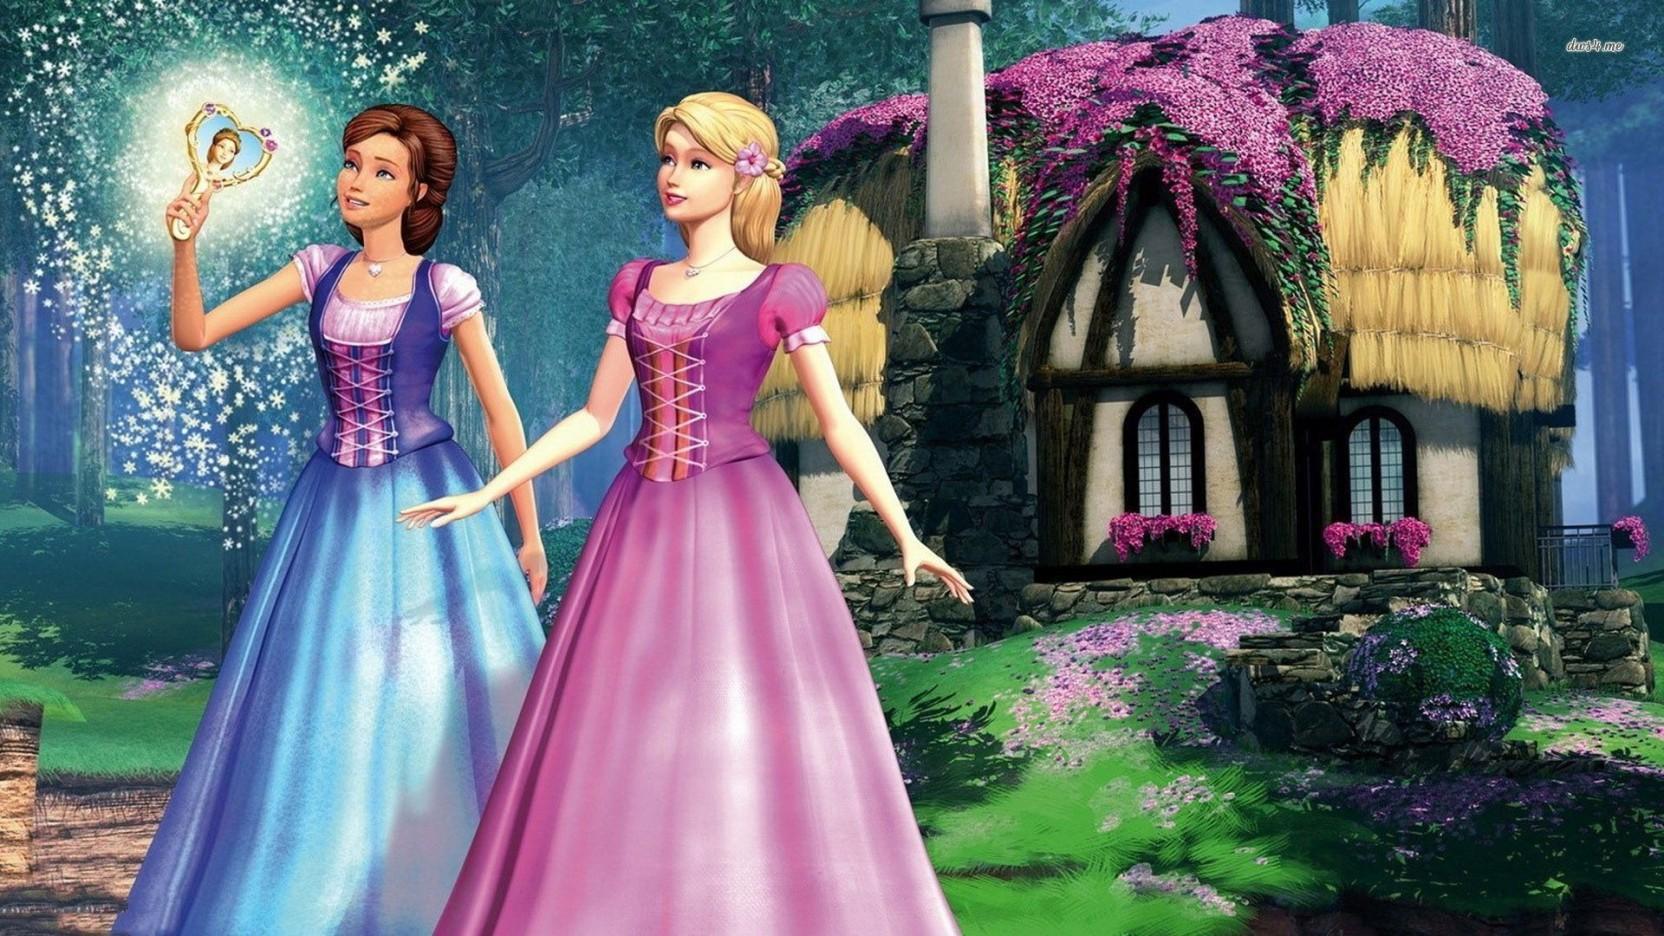 Movie Barbie & The Diamond Castle Barbie Hd Wallpaper - Barbie And The Diamond Castle , HD Wallpaper & Backgrounds